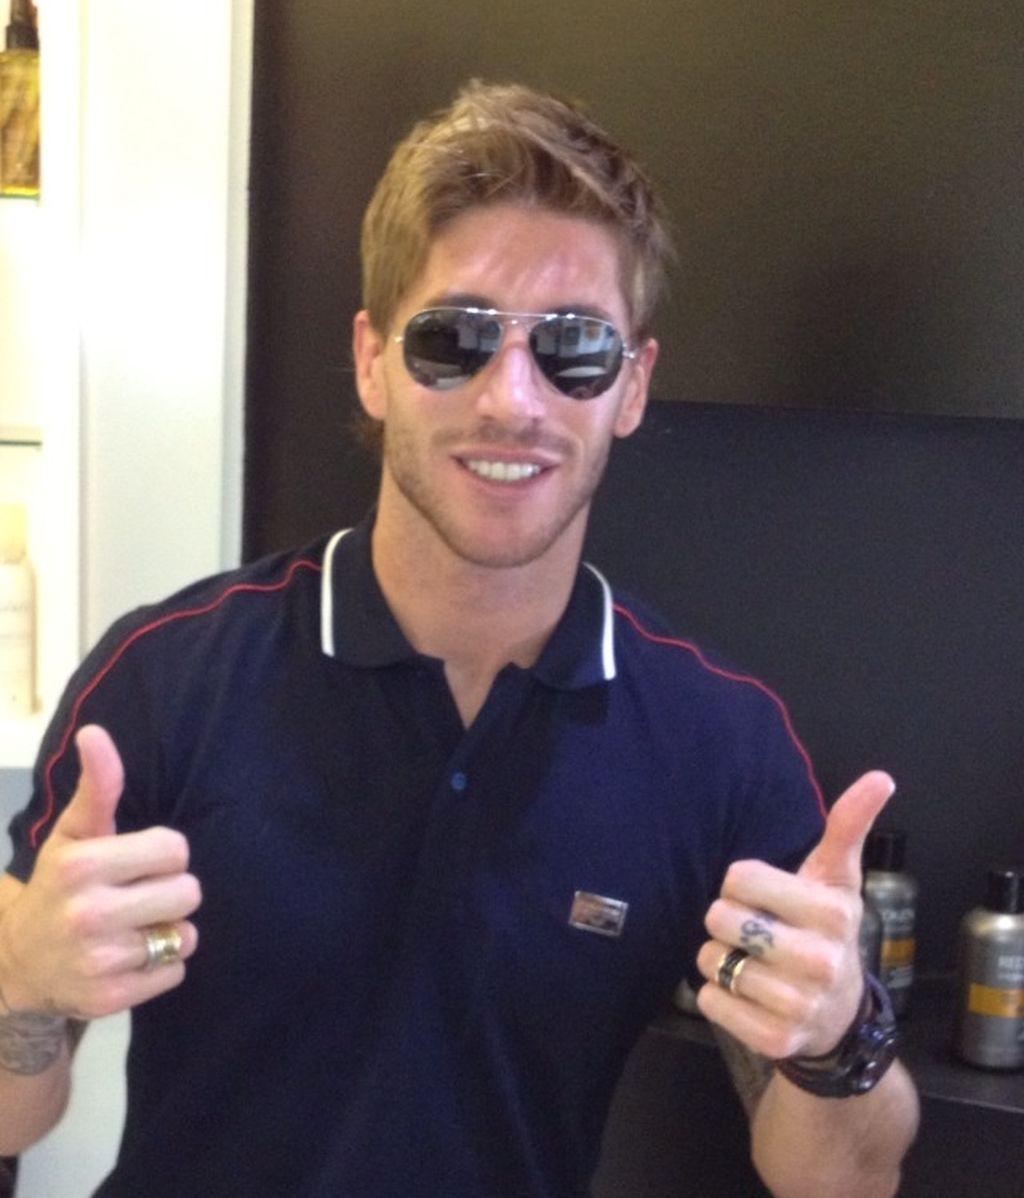 Nuevo look de Sergio Ramos